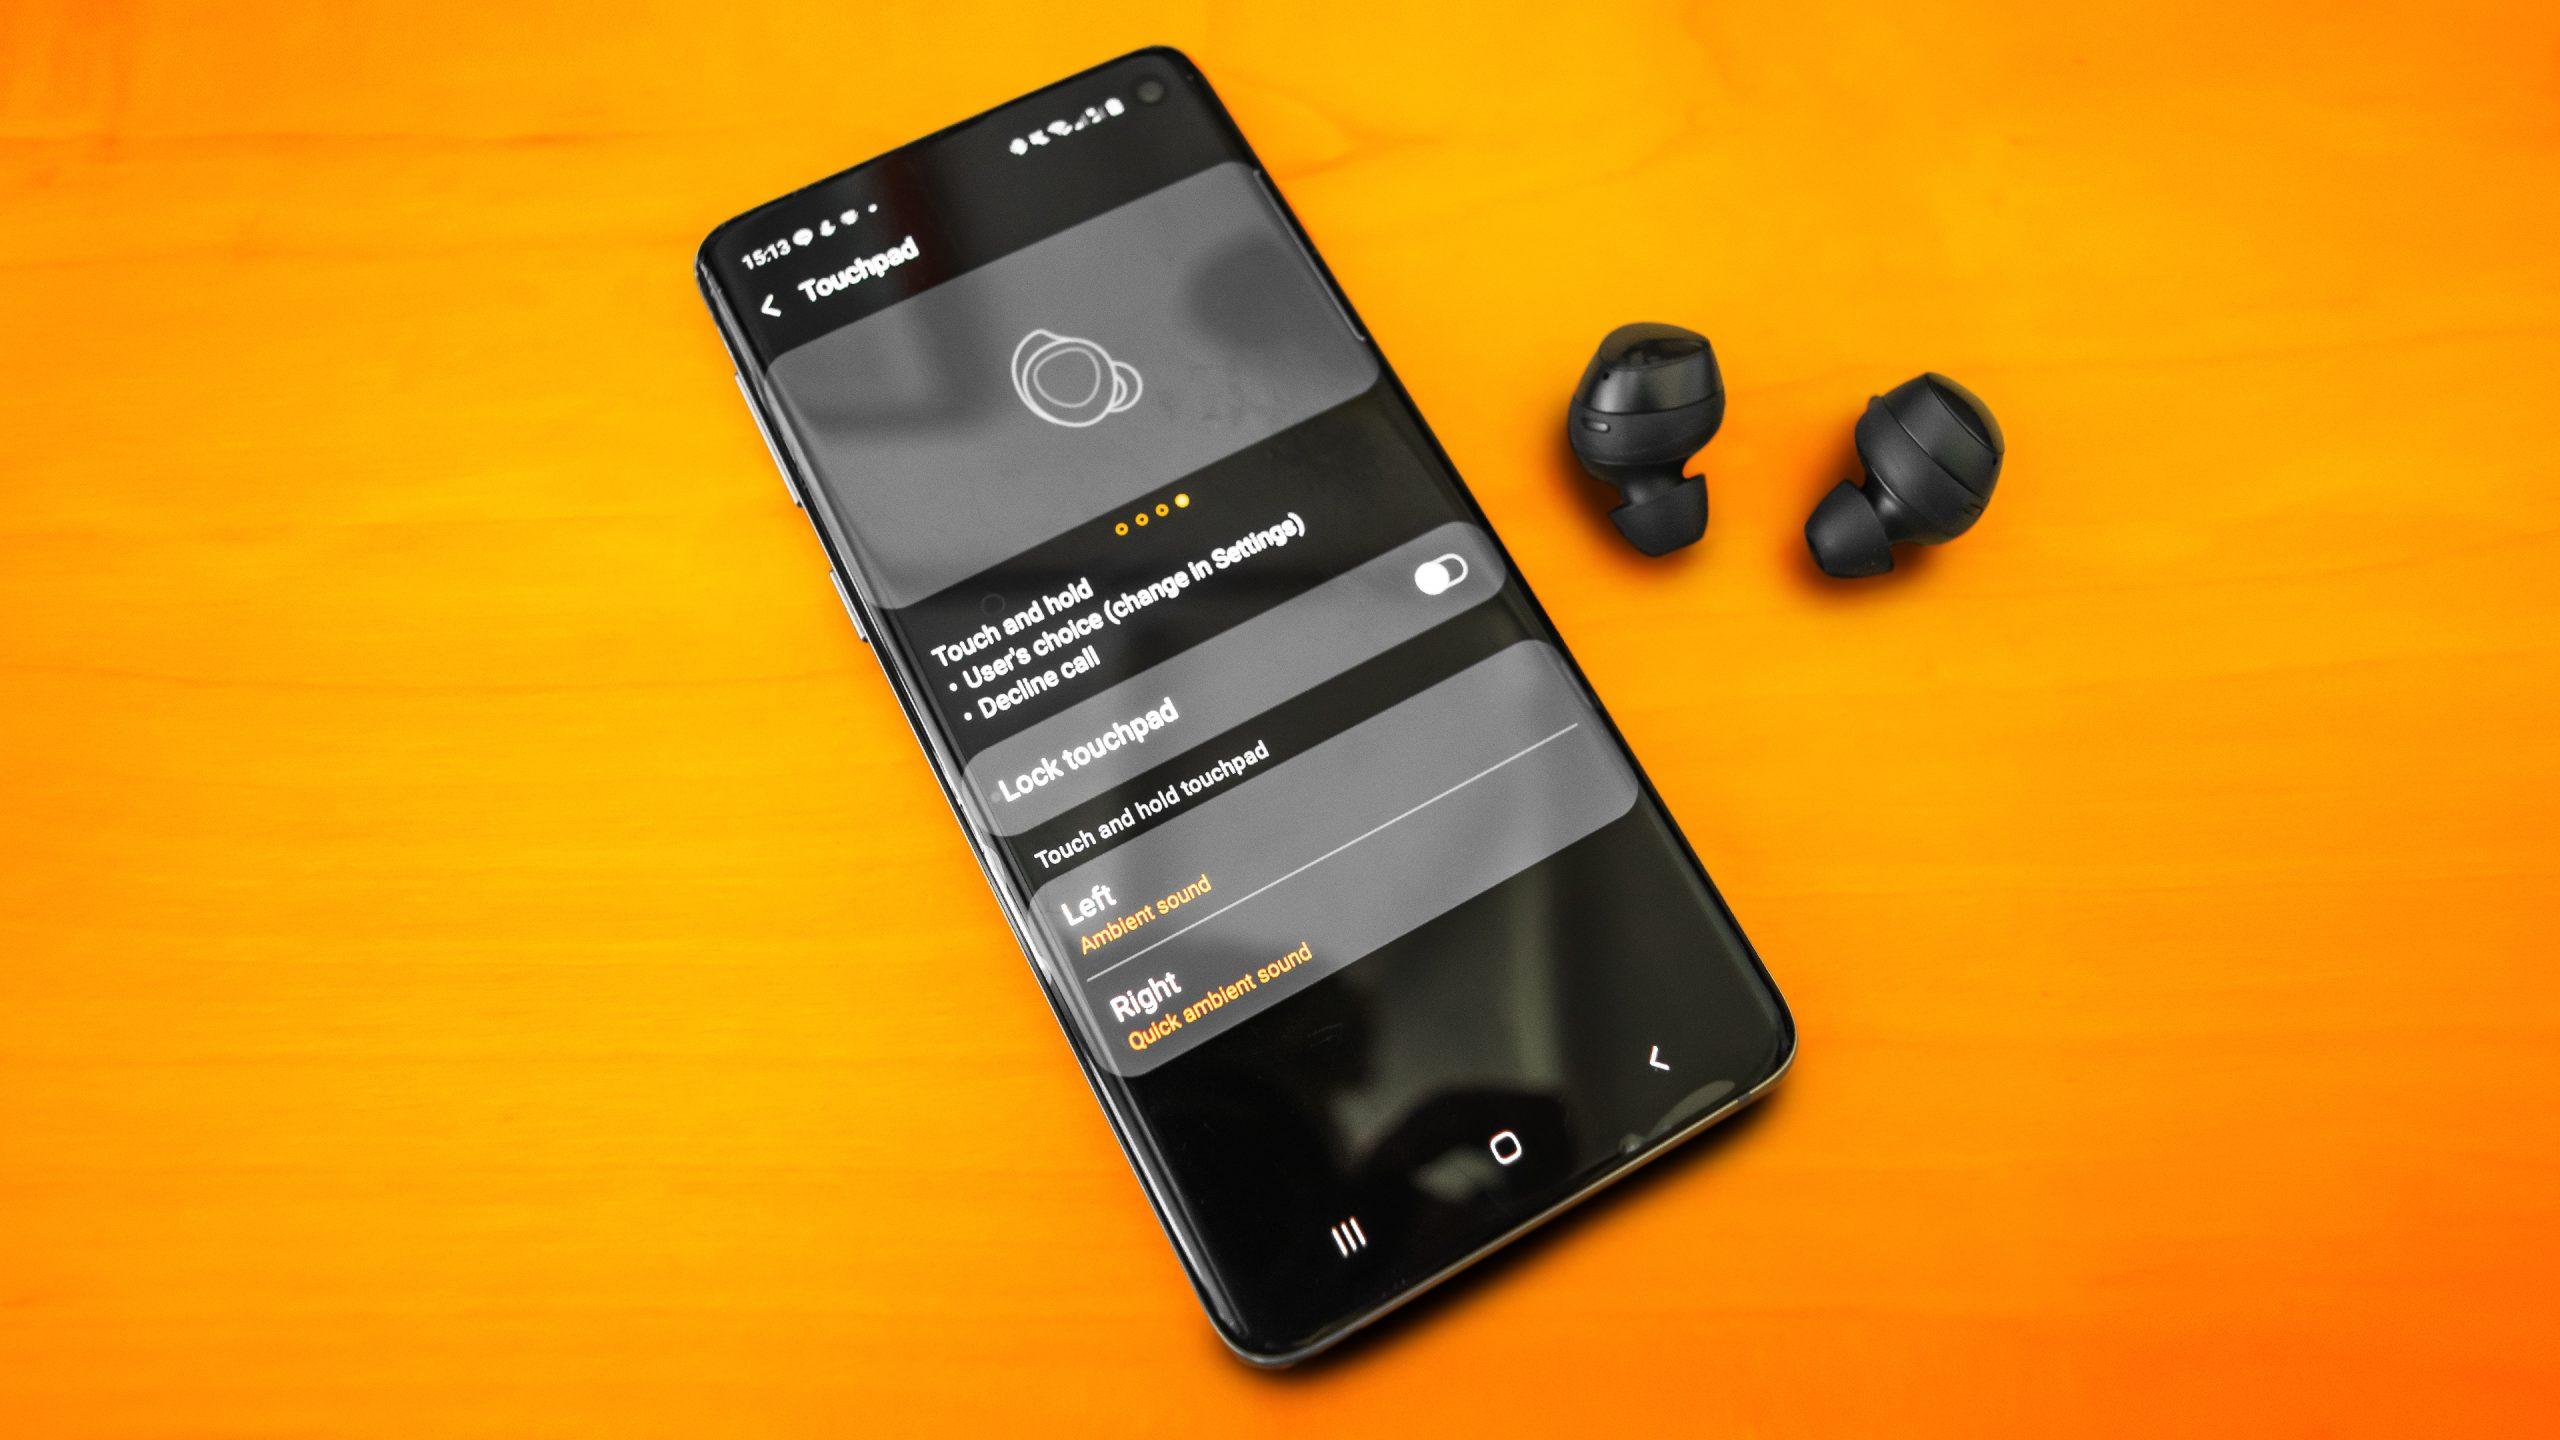 Foto van een smartphone met daarop de Samsung Wearable app, bijgestaan door compatibele draadloze oortjes.